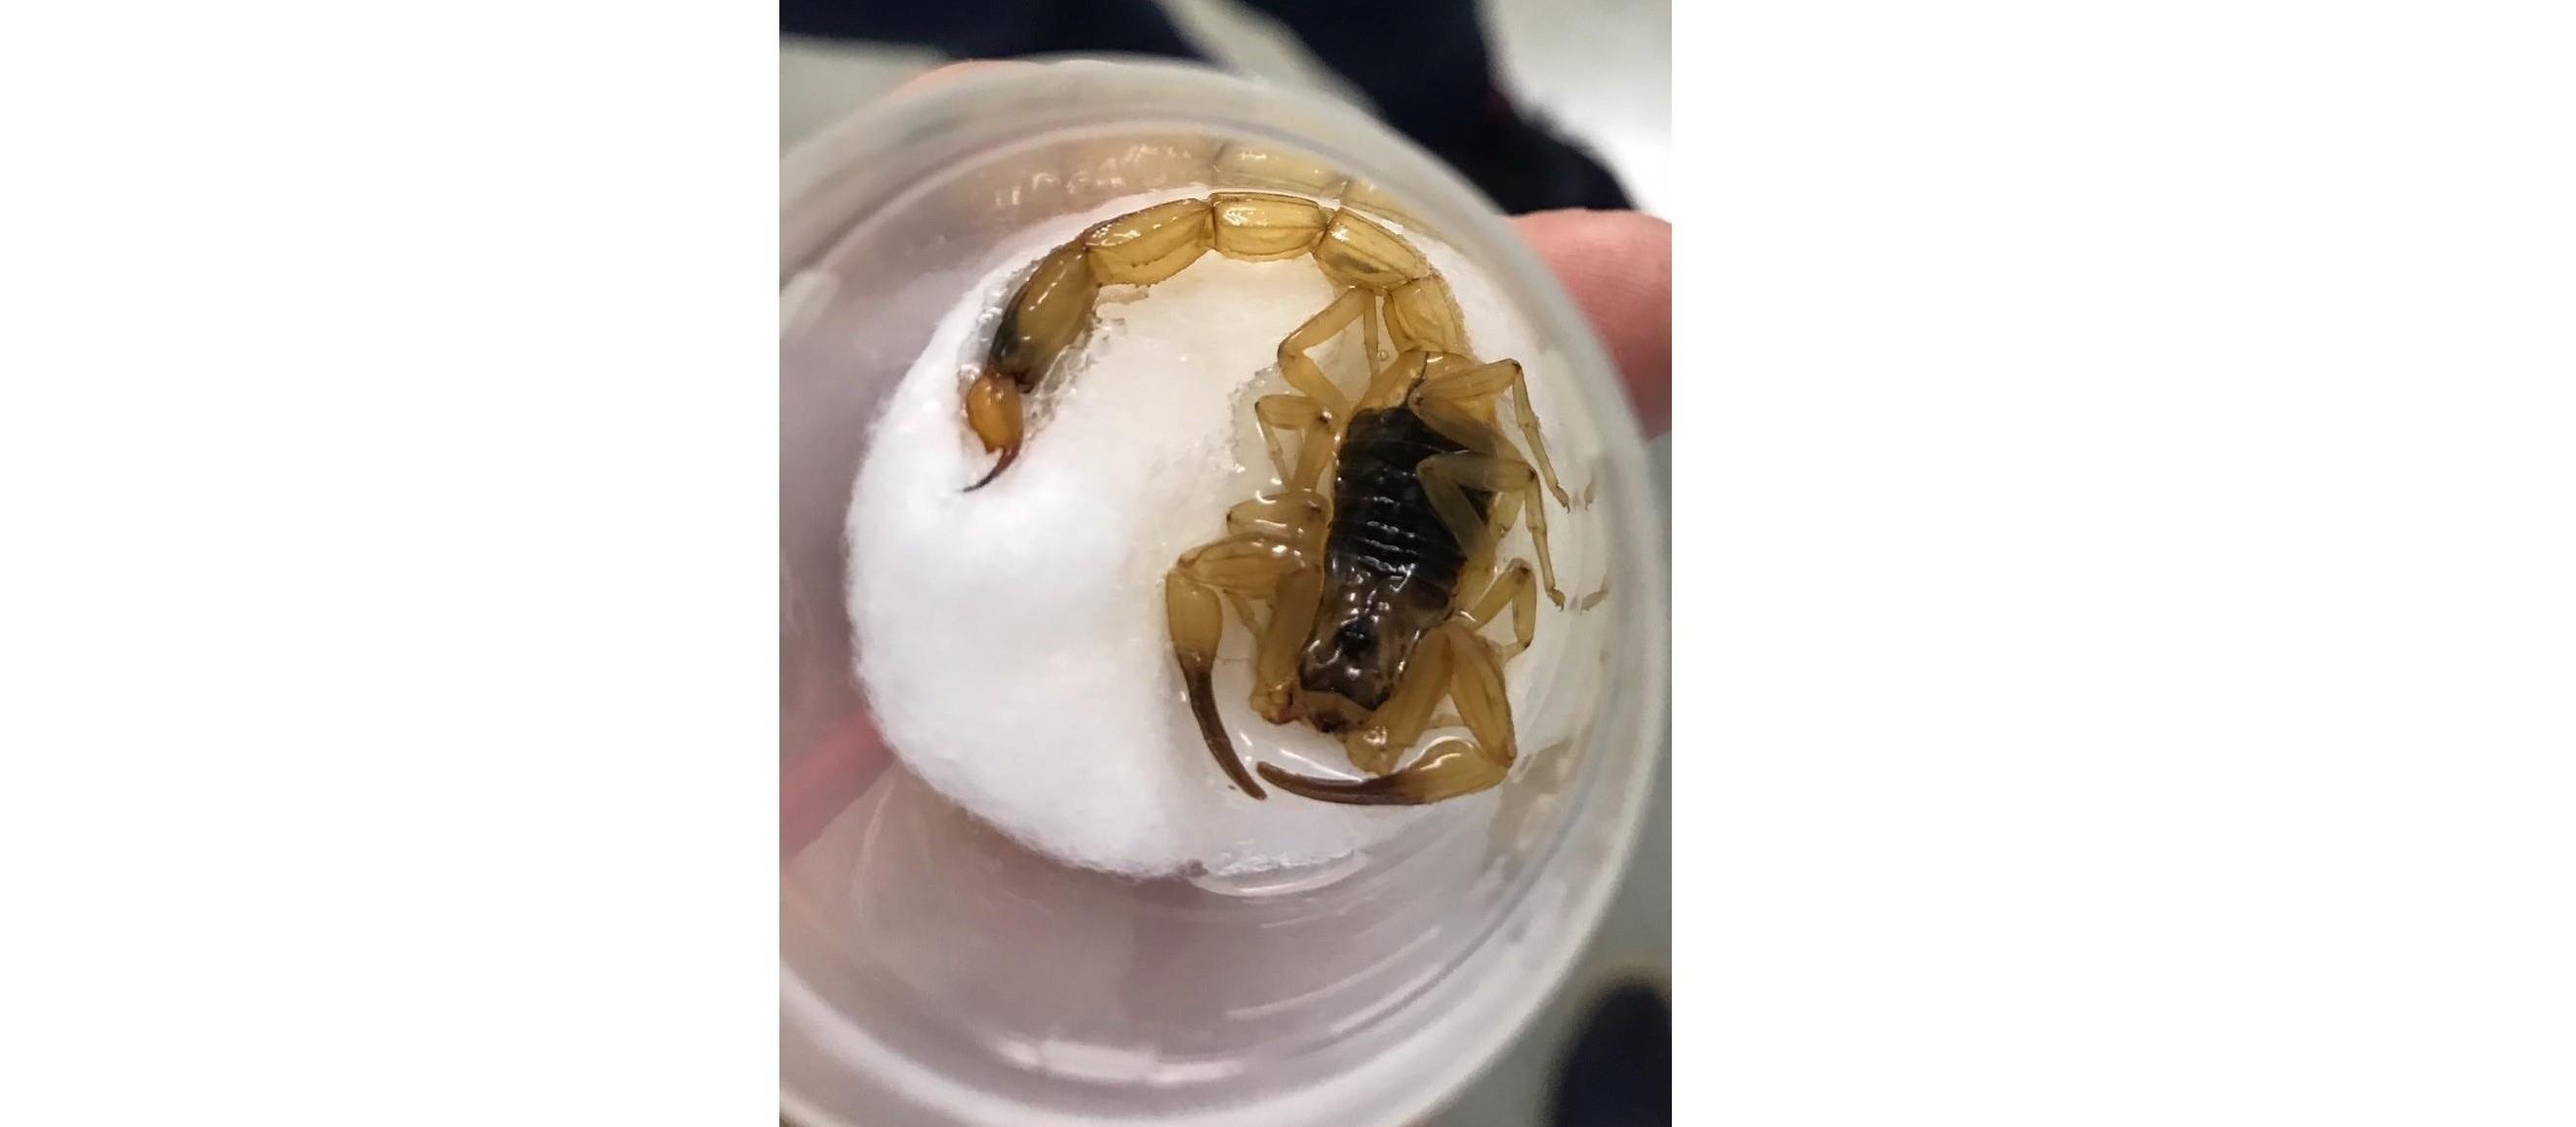 Saúde acredita que escorpiões estão fugindo de habitat